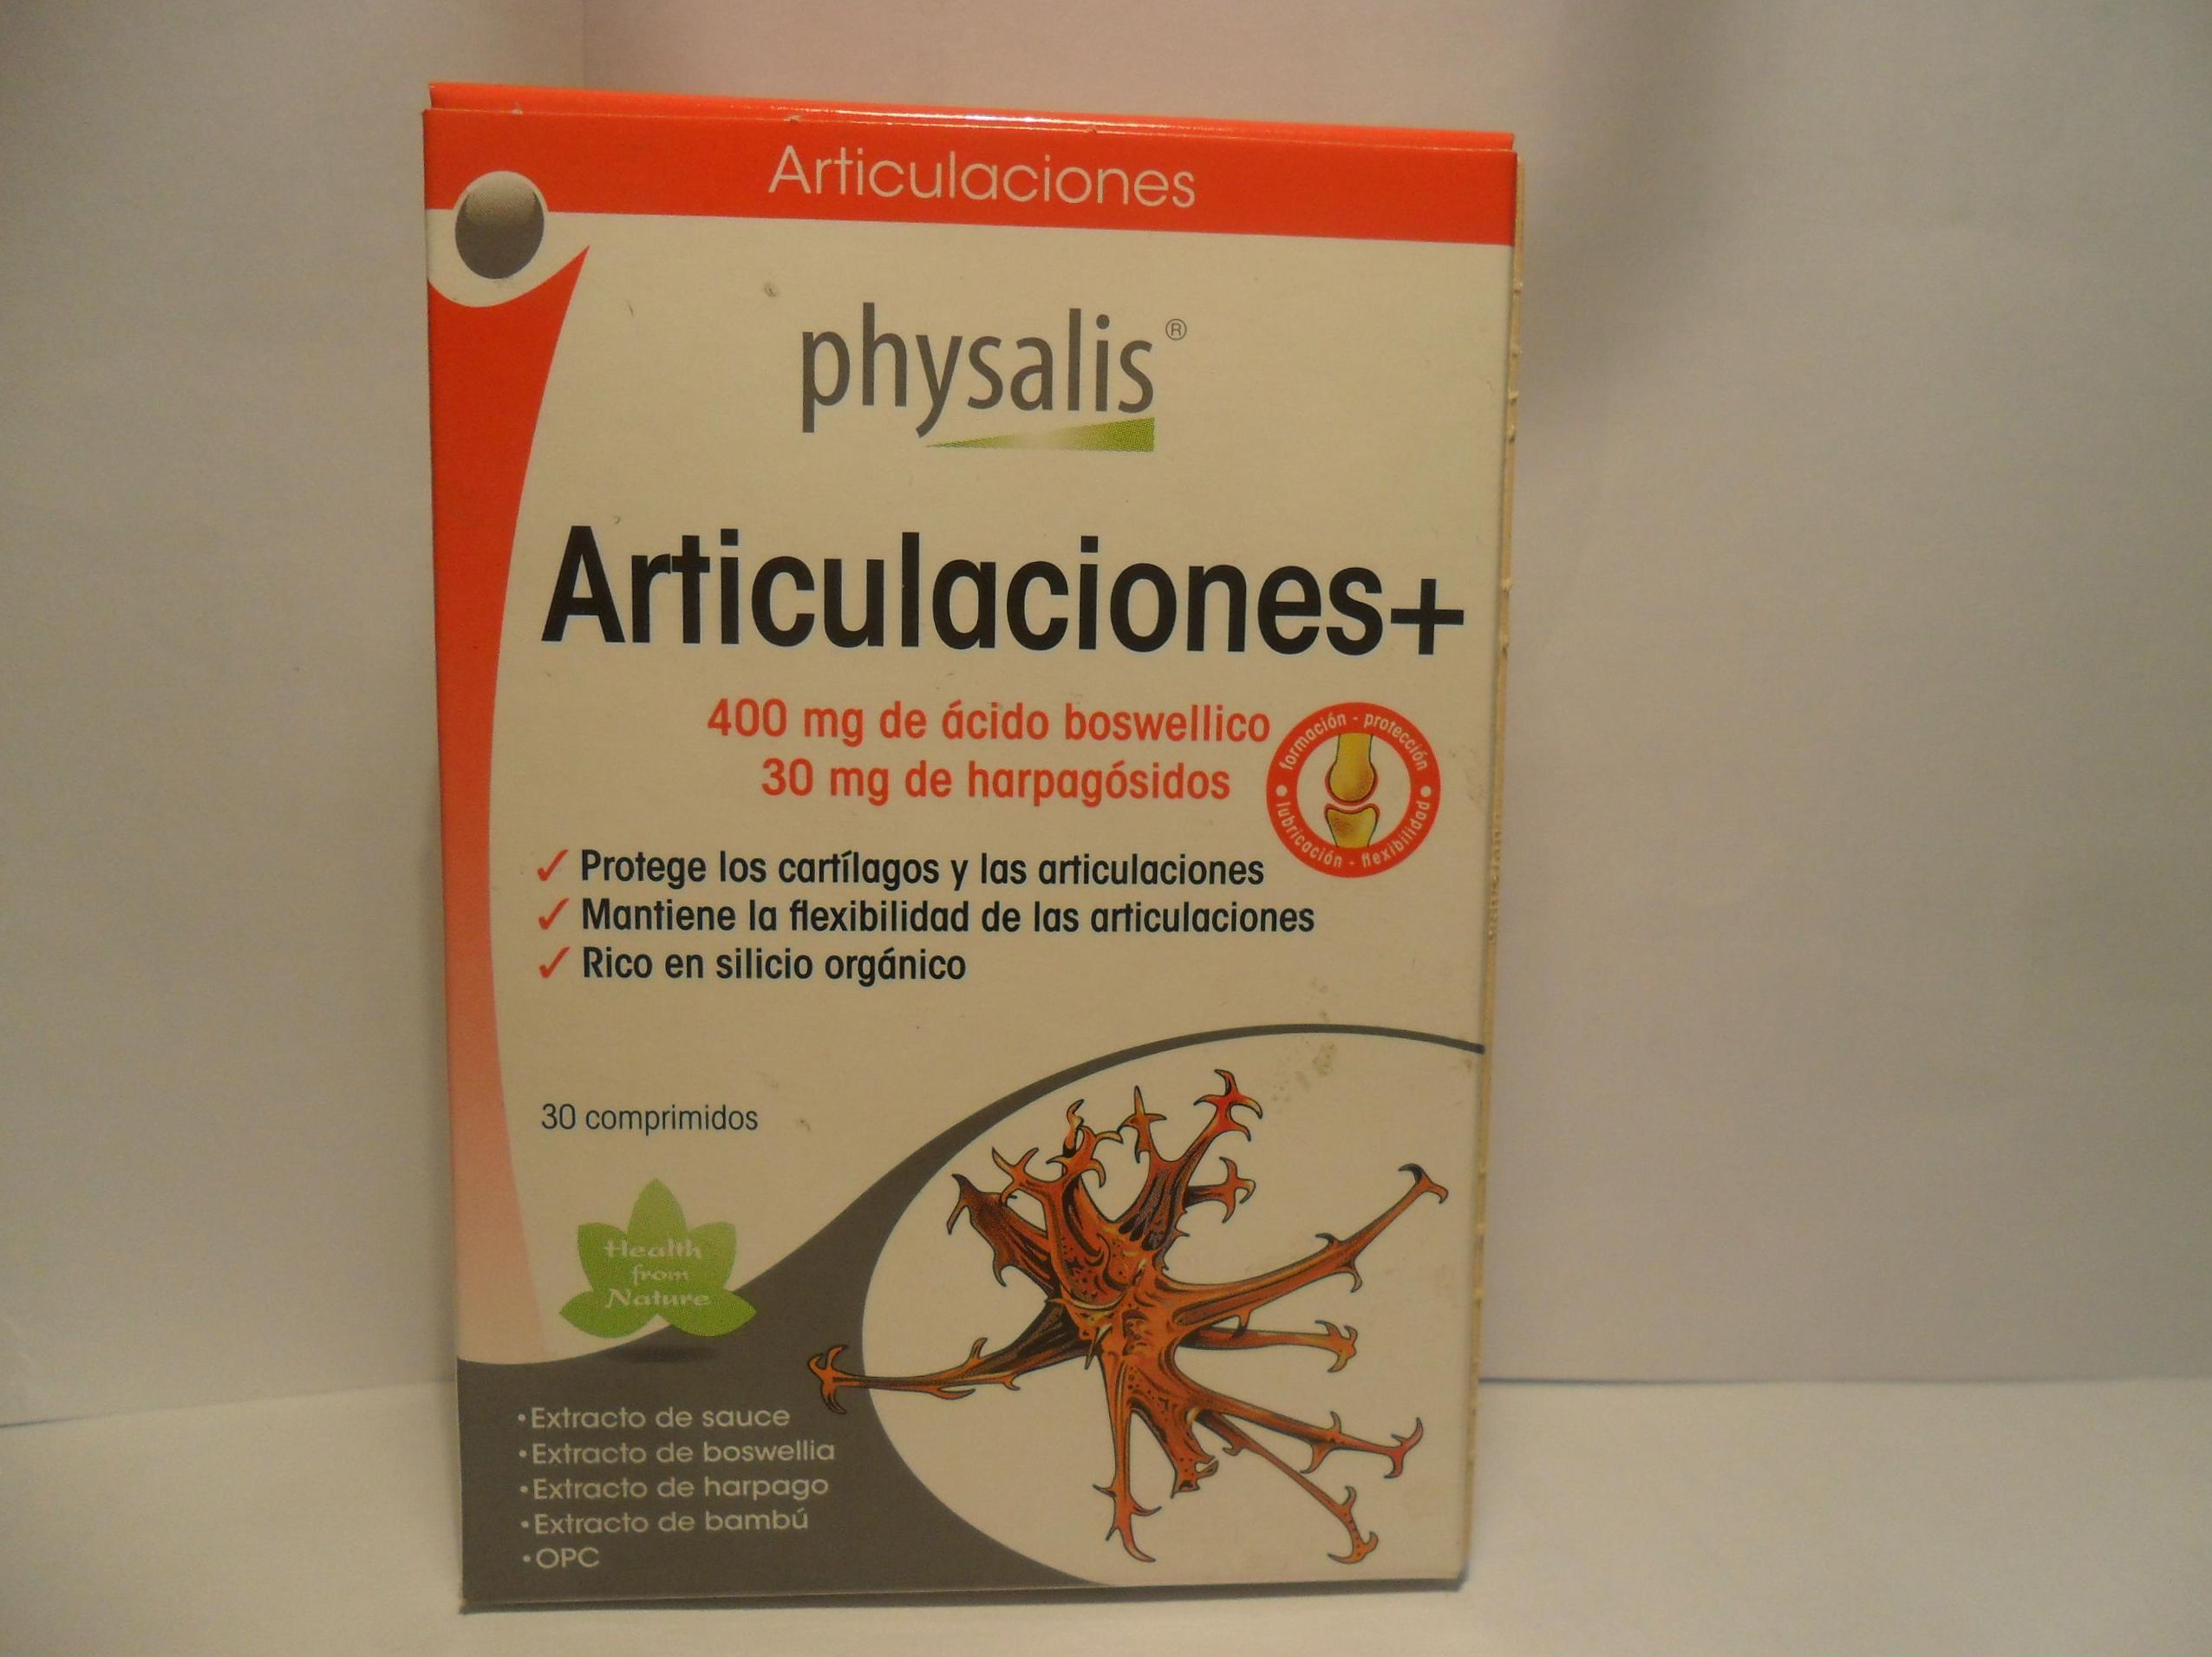 Articulaciones+       : Catálogo de productos de Herbolario El Monte